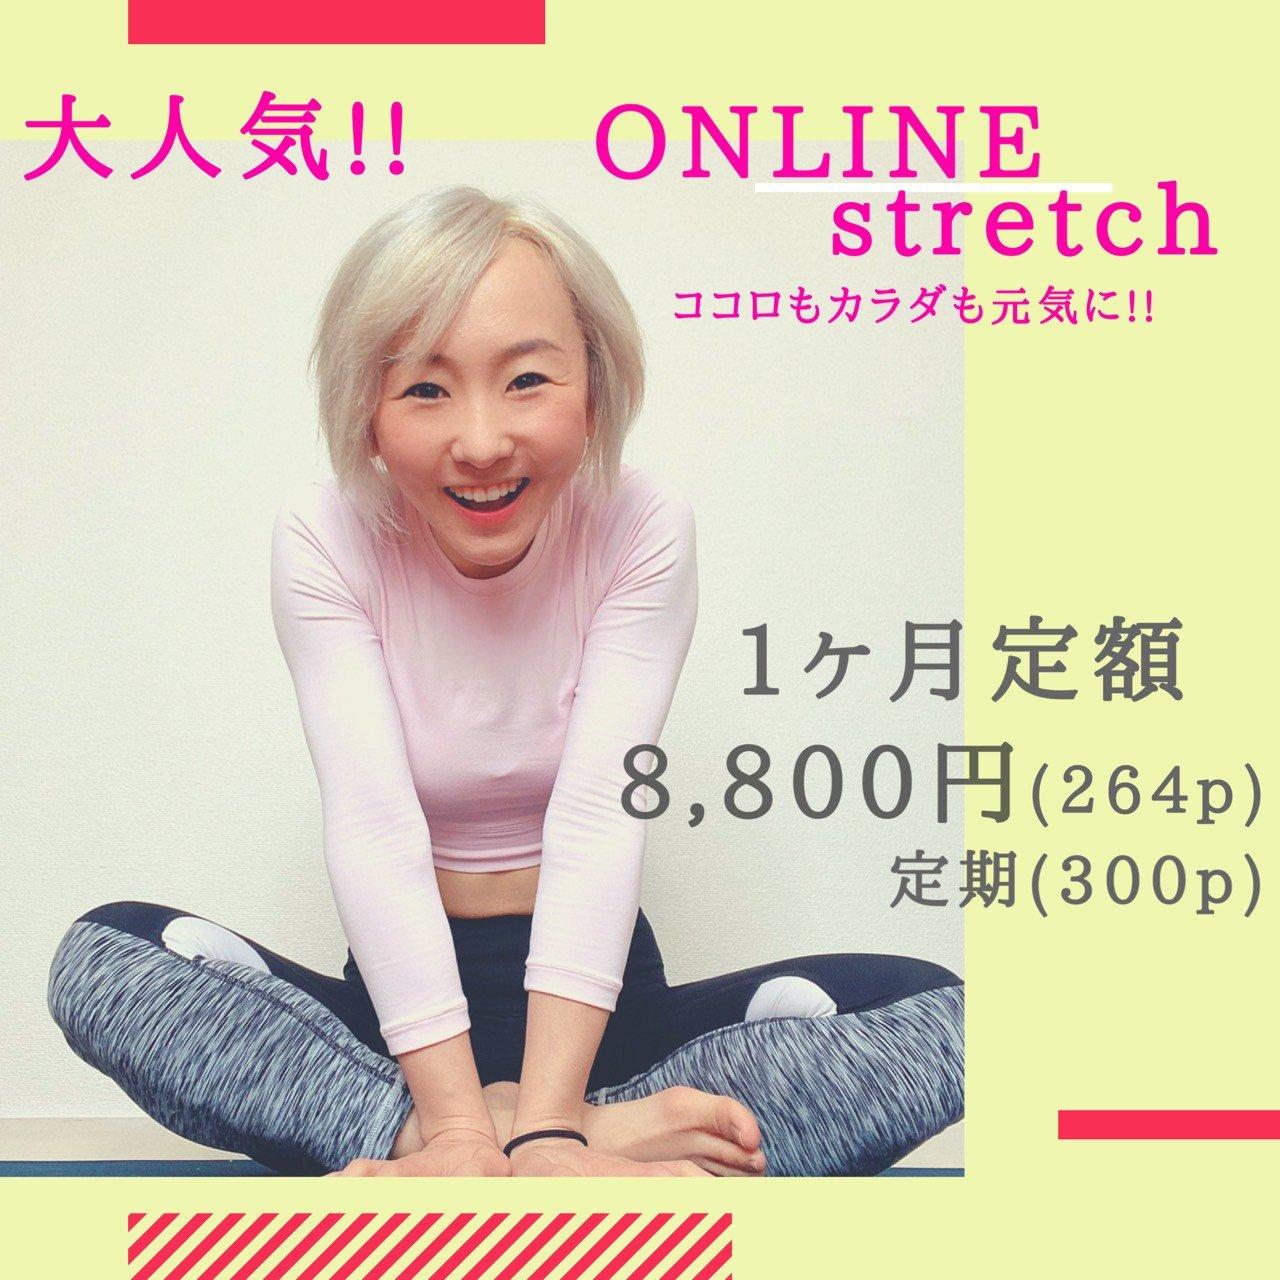 大人気レッスン!!【パーソナル】オンラインストレッチ/月2回¥8,800(264p)のイメージその1